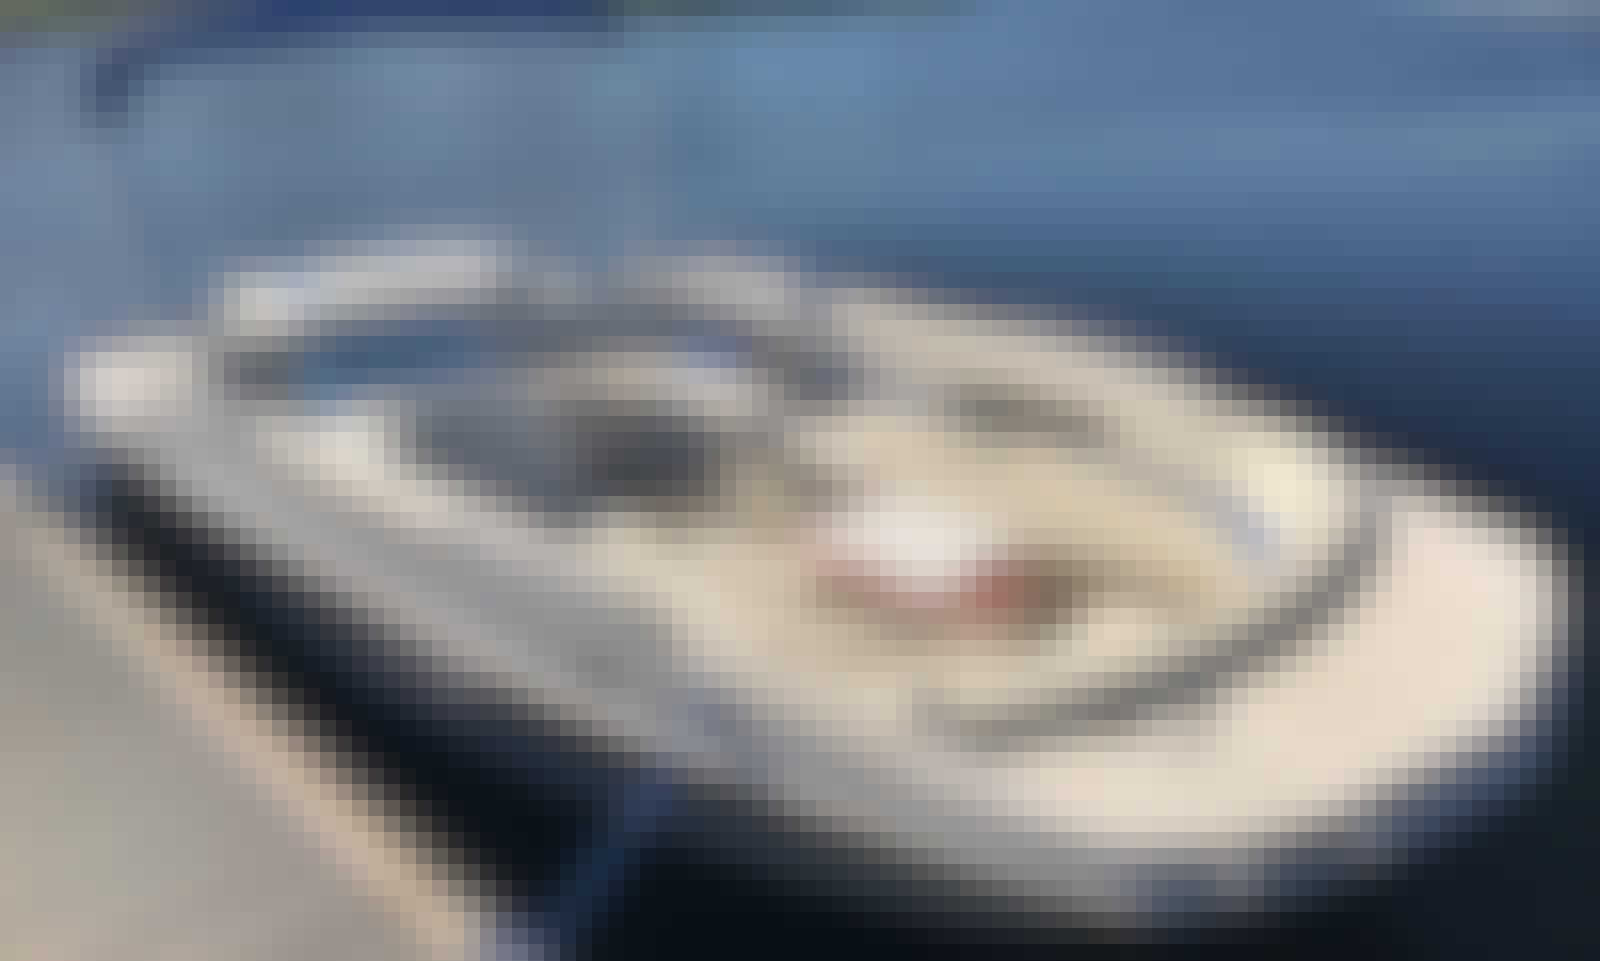 19' Bayliner Deckboat for Rent in Windermere, FL